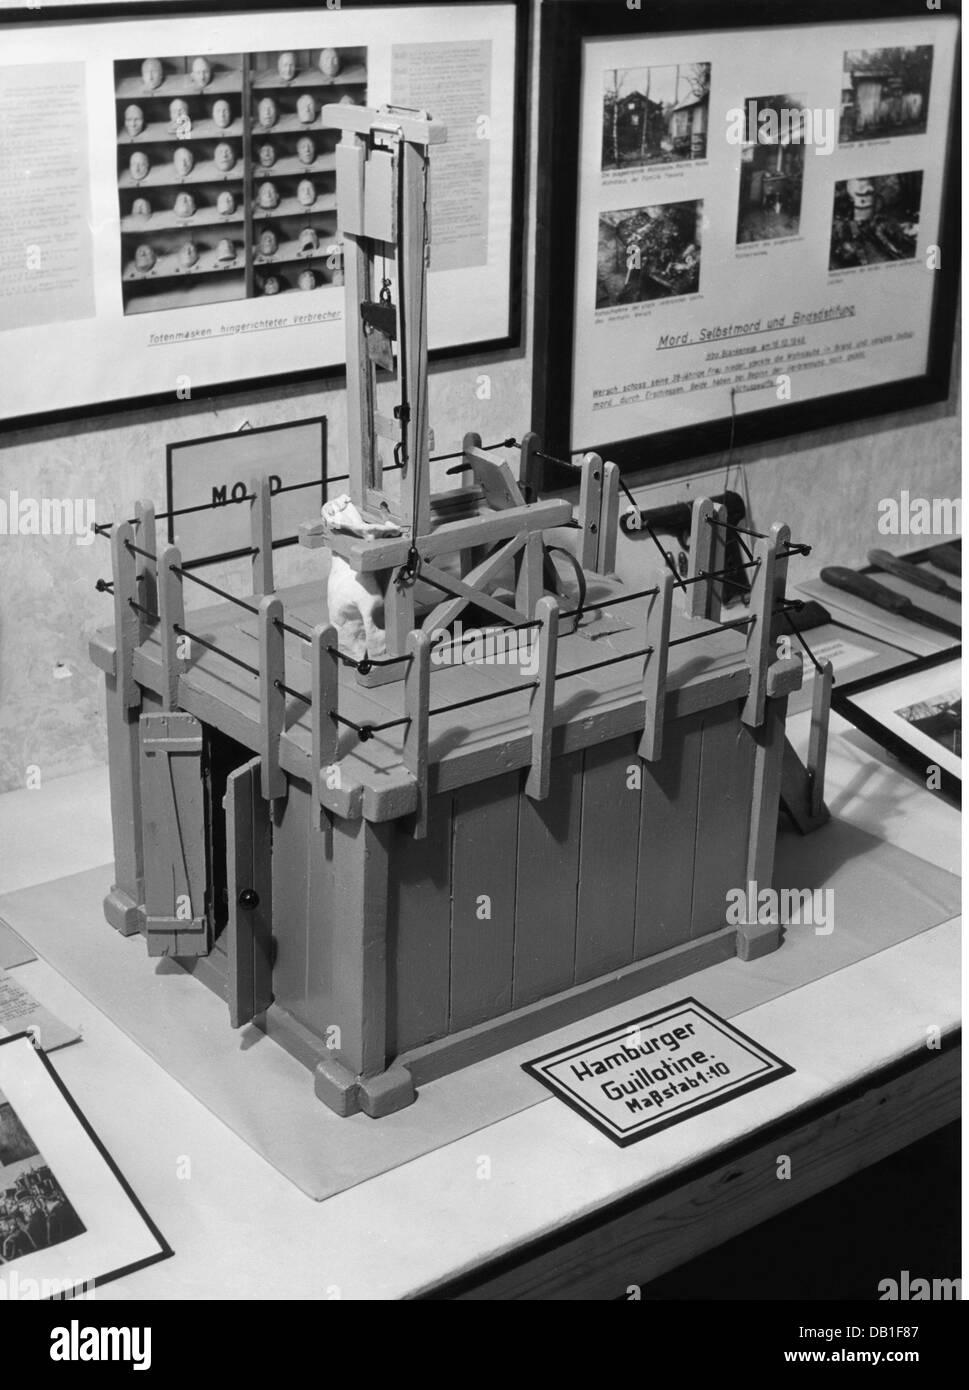 Justiz Strafanstalt Enthauptung Miniatur Der Hamburger Guillotine Museum Deutschland Hamburg Gerichtsbarkeit Strafen Strafen Strafen Todesstrafe Hinrichtung Hinrichtungen Enthauptung Guillotine Enthauptung Enthauptung Miniatur